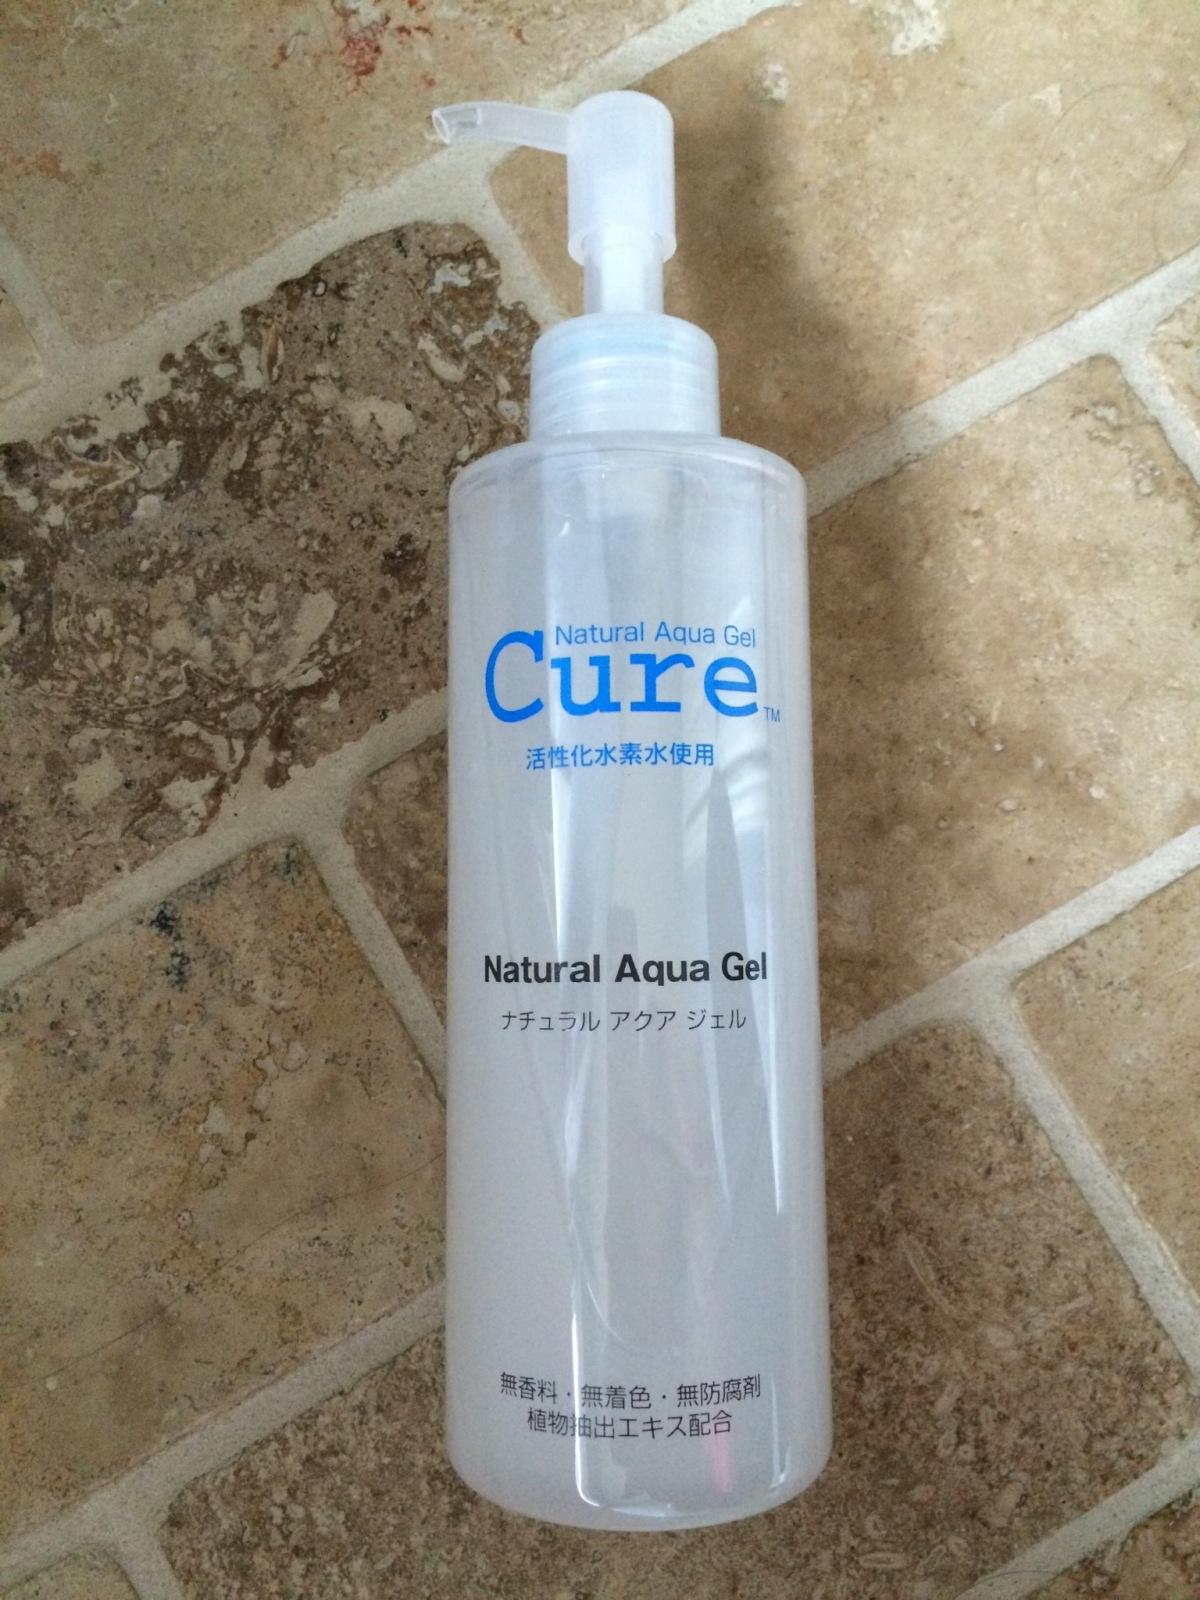 Cure Natural Aqua GelReview